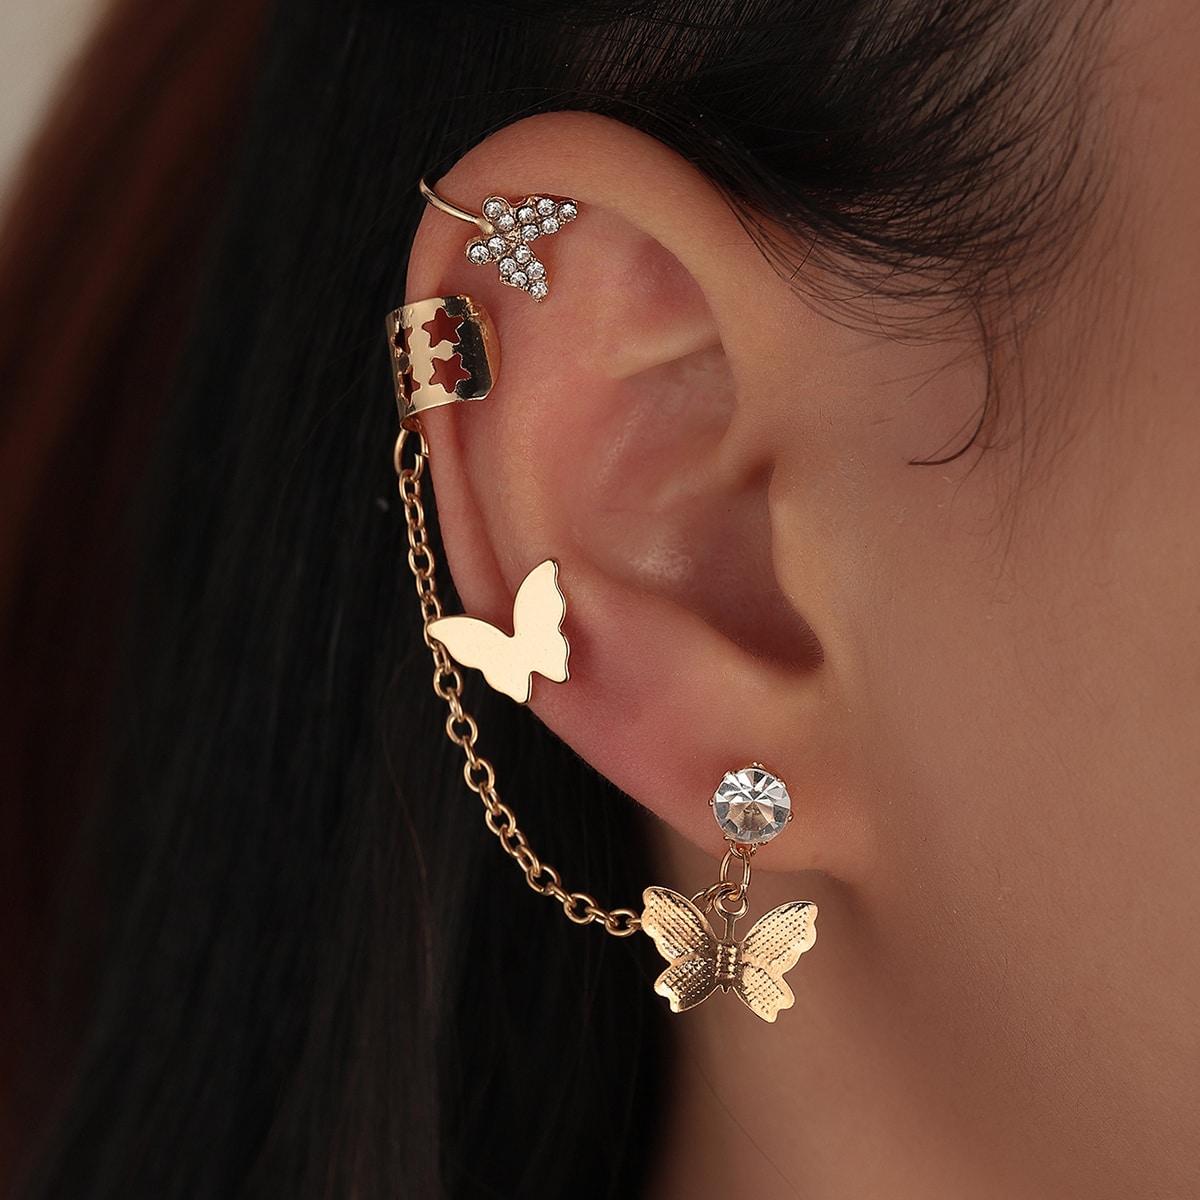 3pcs Butterfly Decor Earrings Set